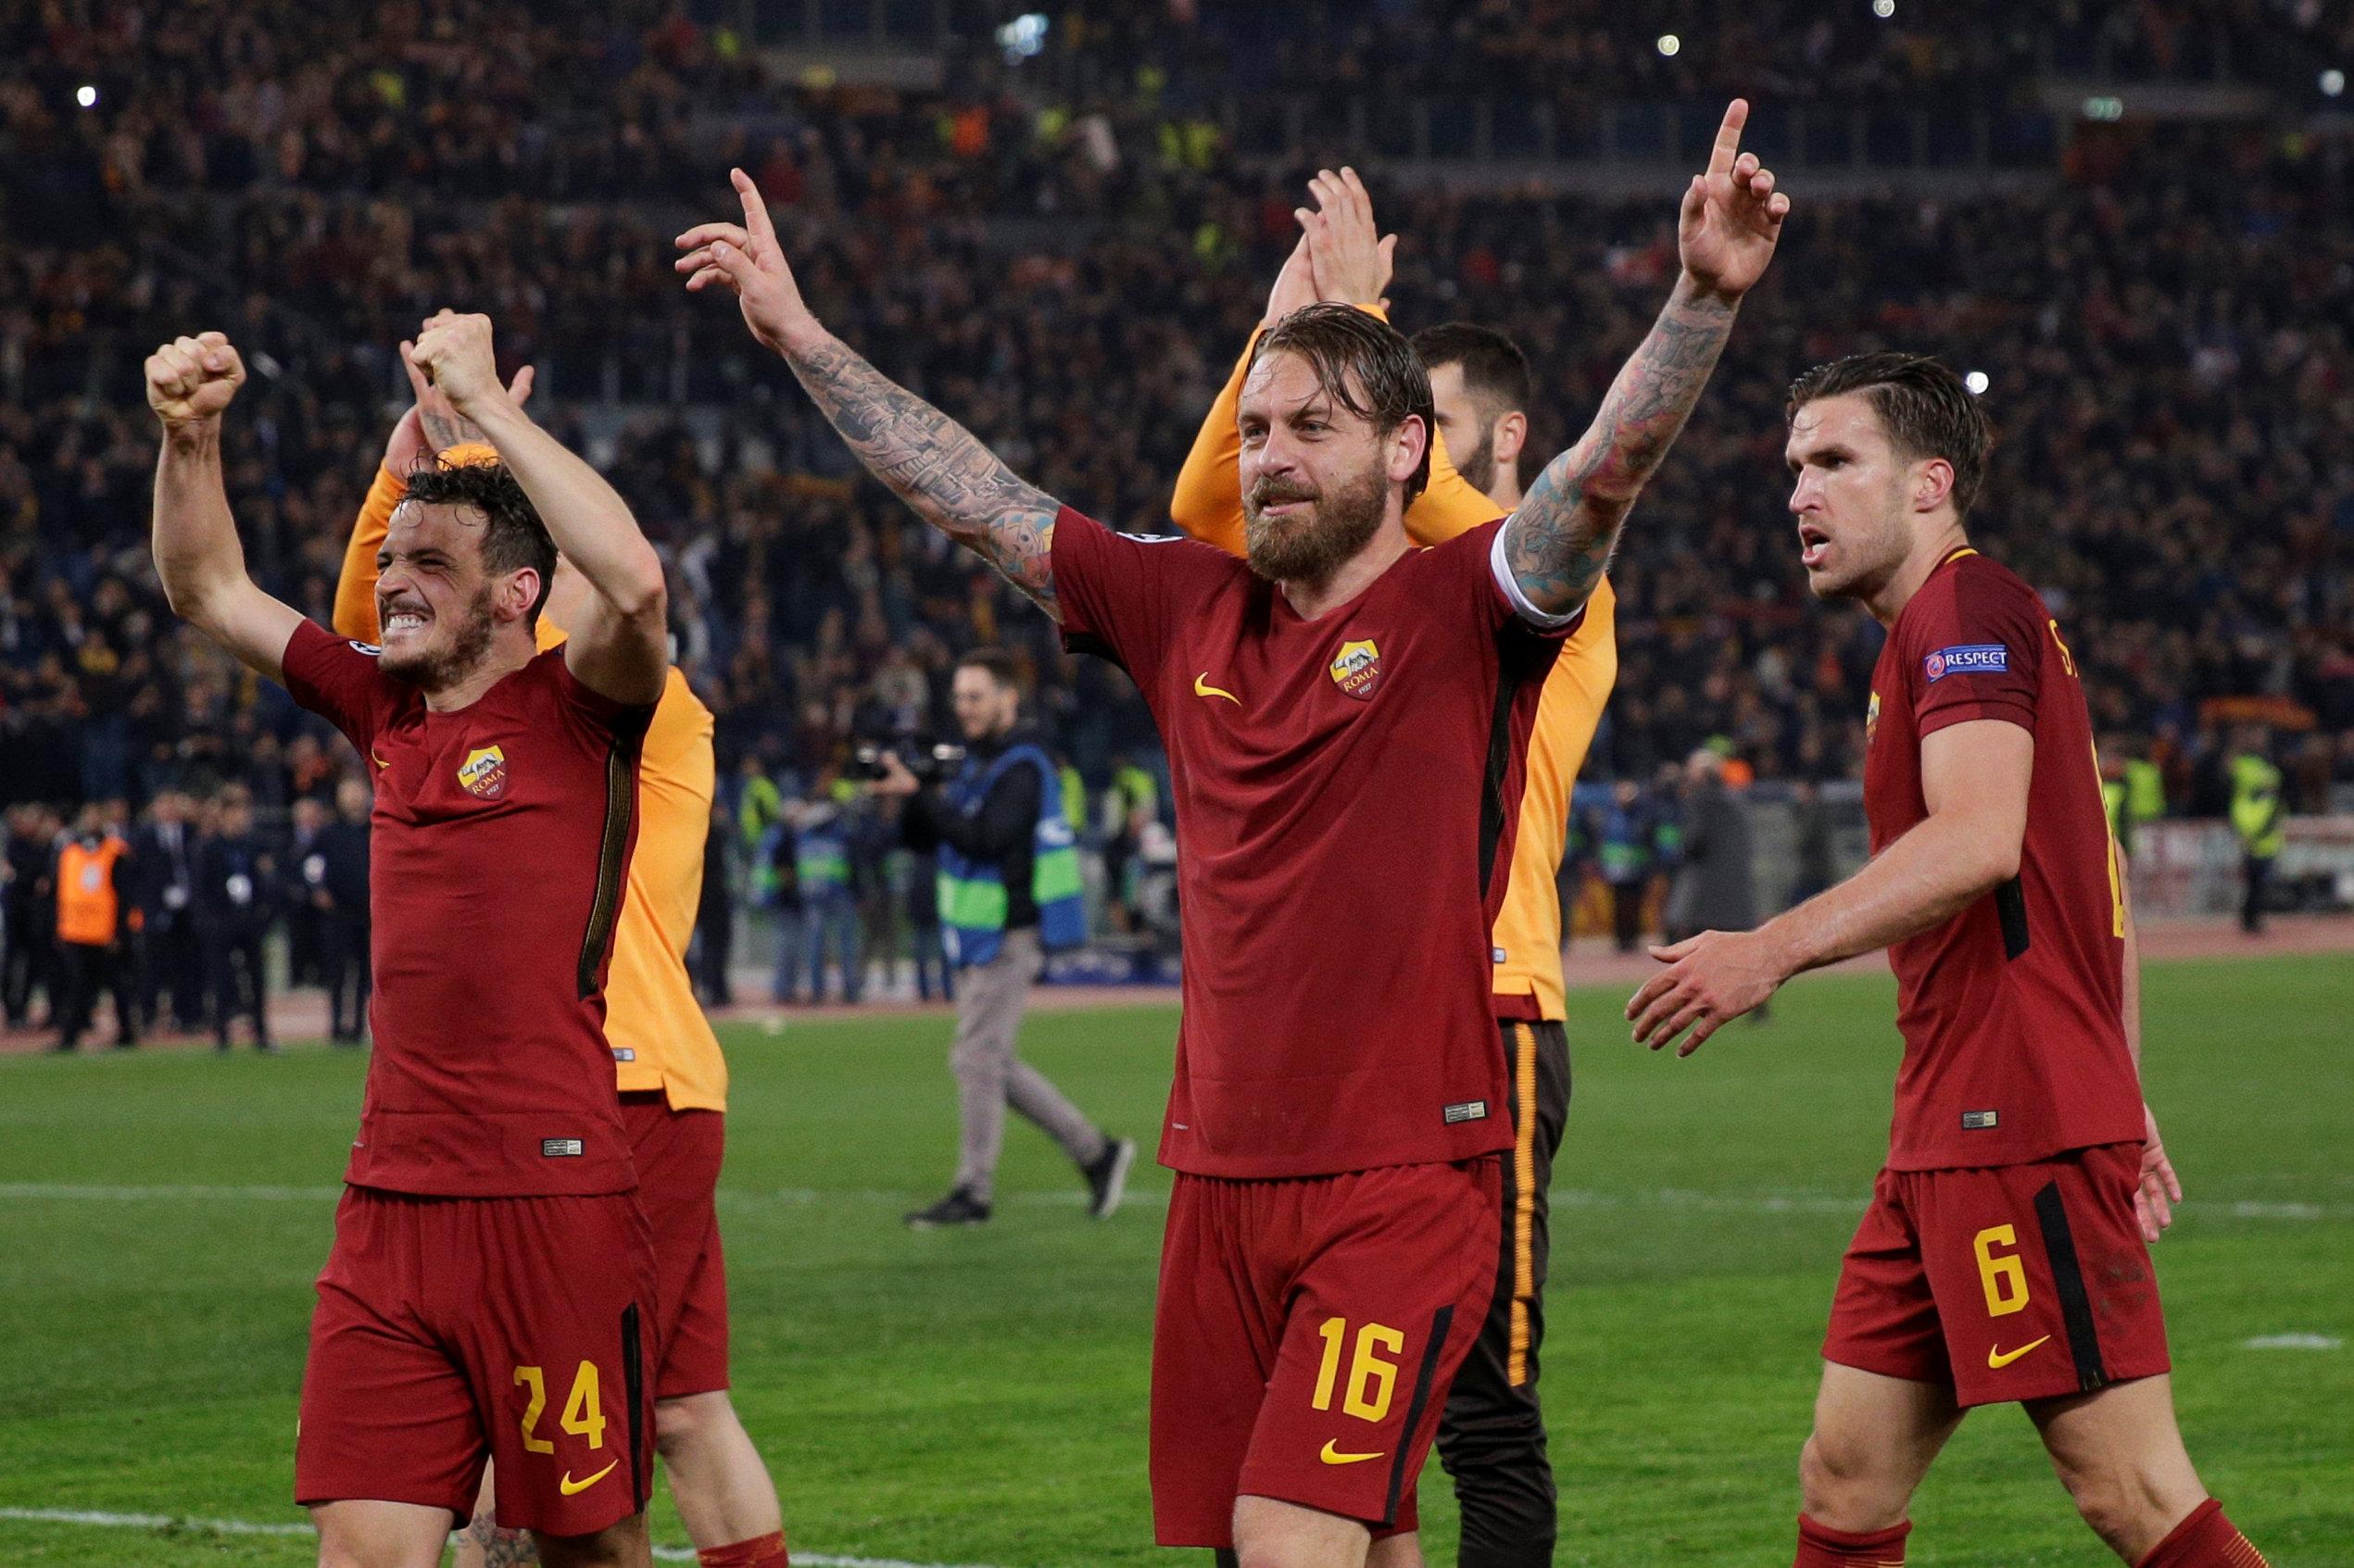 Niềm vui của các cầu thủ Roma sau chiến thắng trước Barca. Ảnh: REUTERS